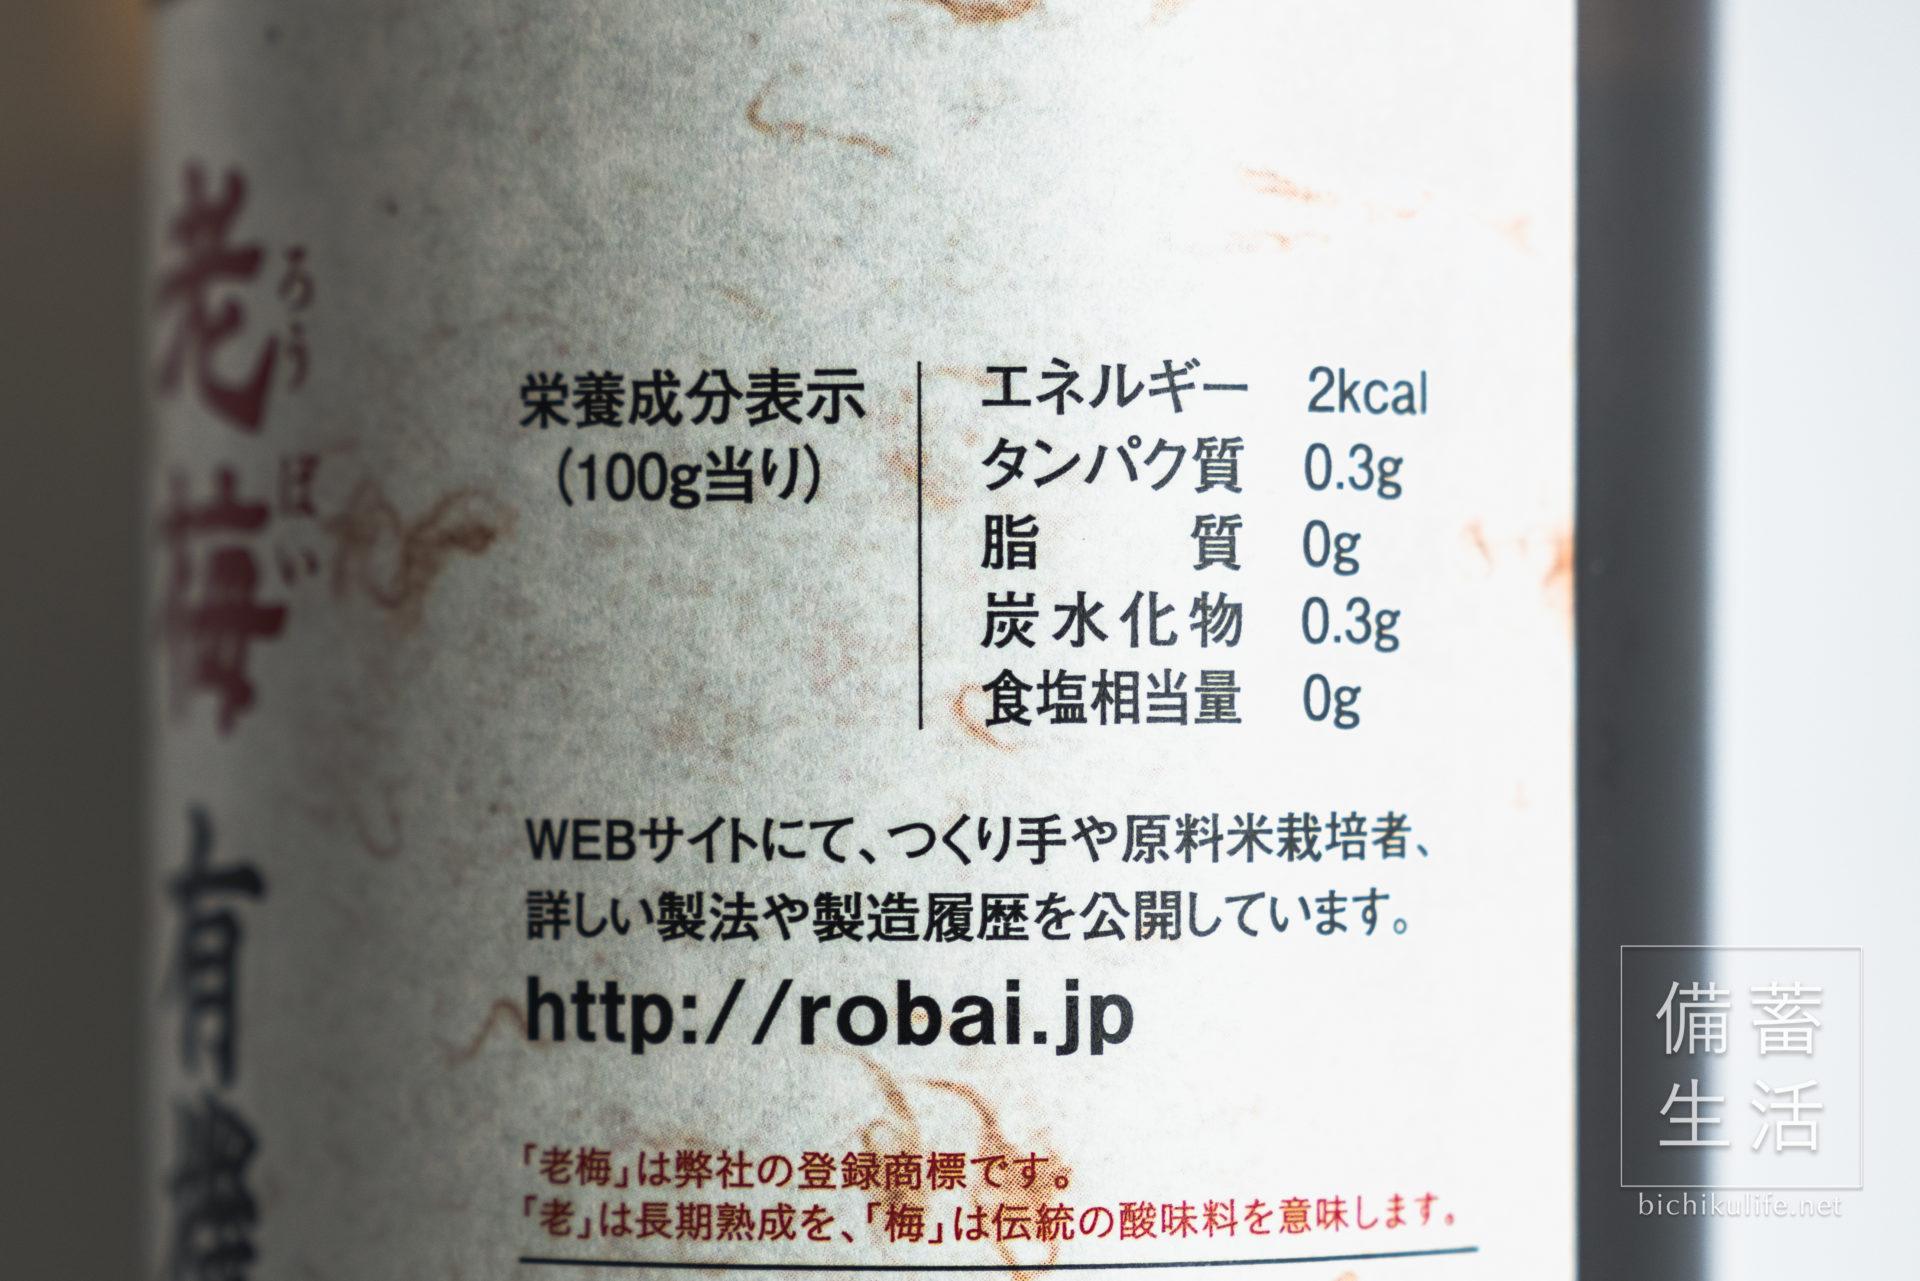 河原酢造 老梅 有機純米酢 栄養成分表示